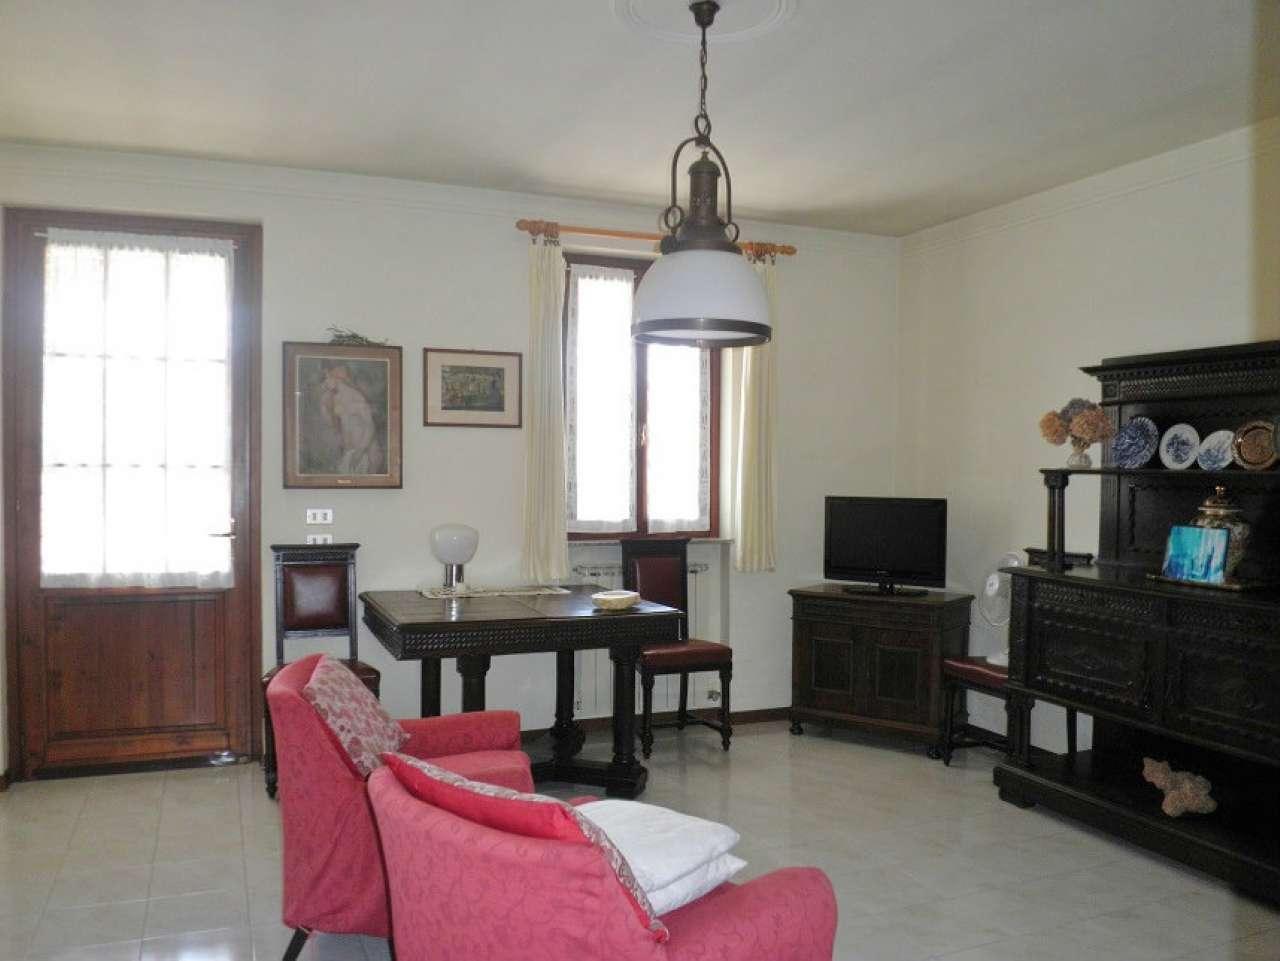 Appartamento in vendita a Trigolo, 3 locali, Trattative riservate | CambioCasa.it